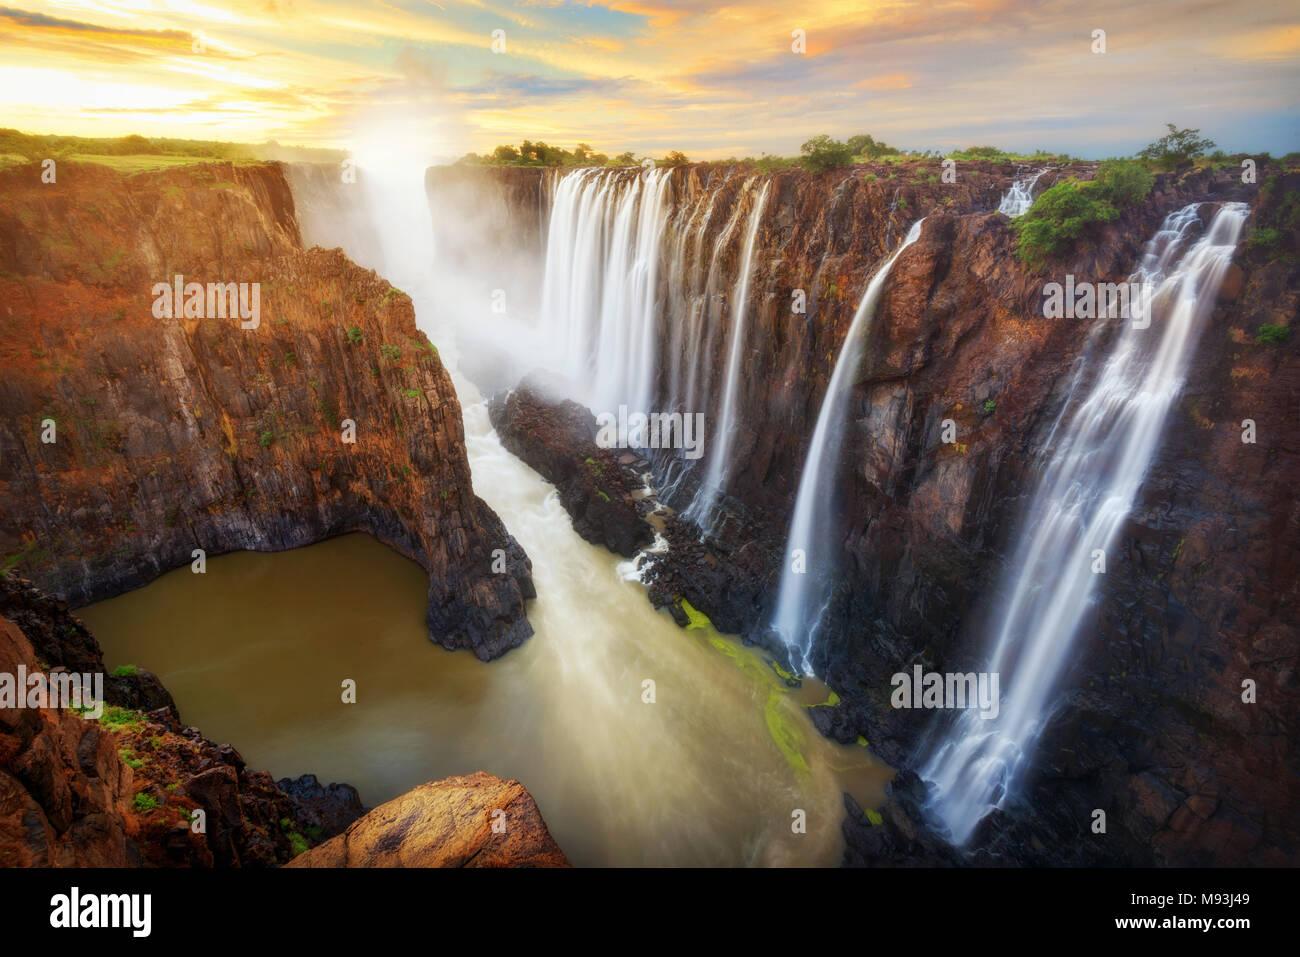 Les chutes Victoria en Zambie et Zimbabwe prise en 2015 Banque D'Images